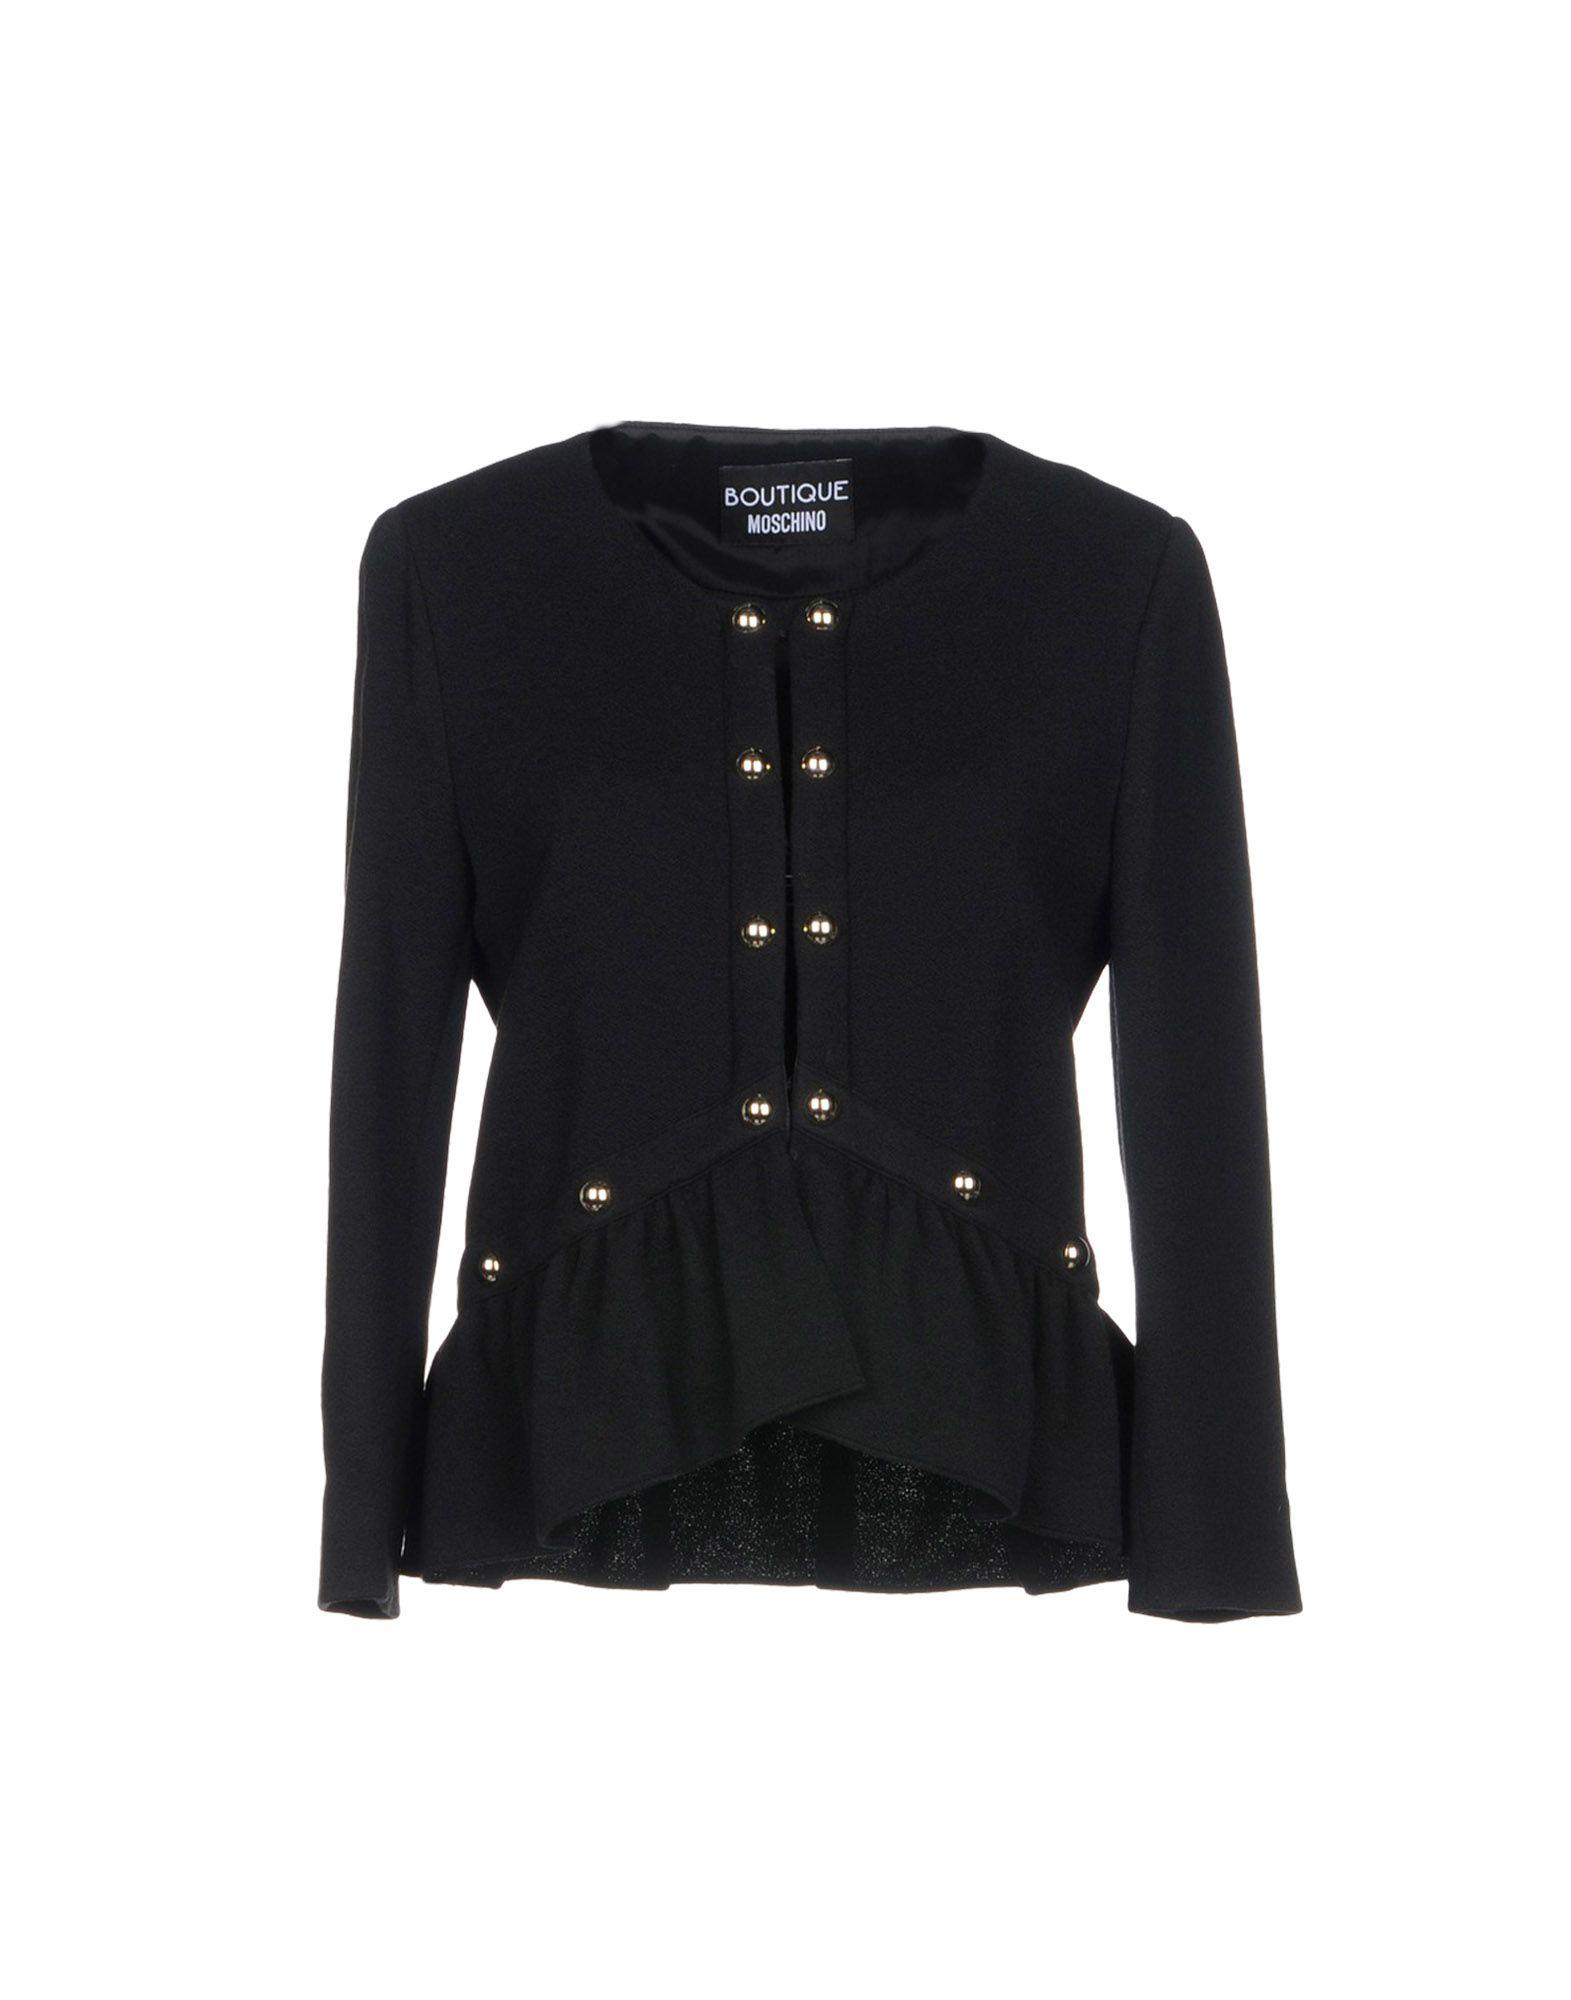 Giacca Boutique Mos no donna - - 49364052SN  Kaufen Sie 100% authentische Qualität